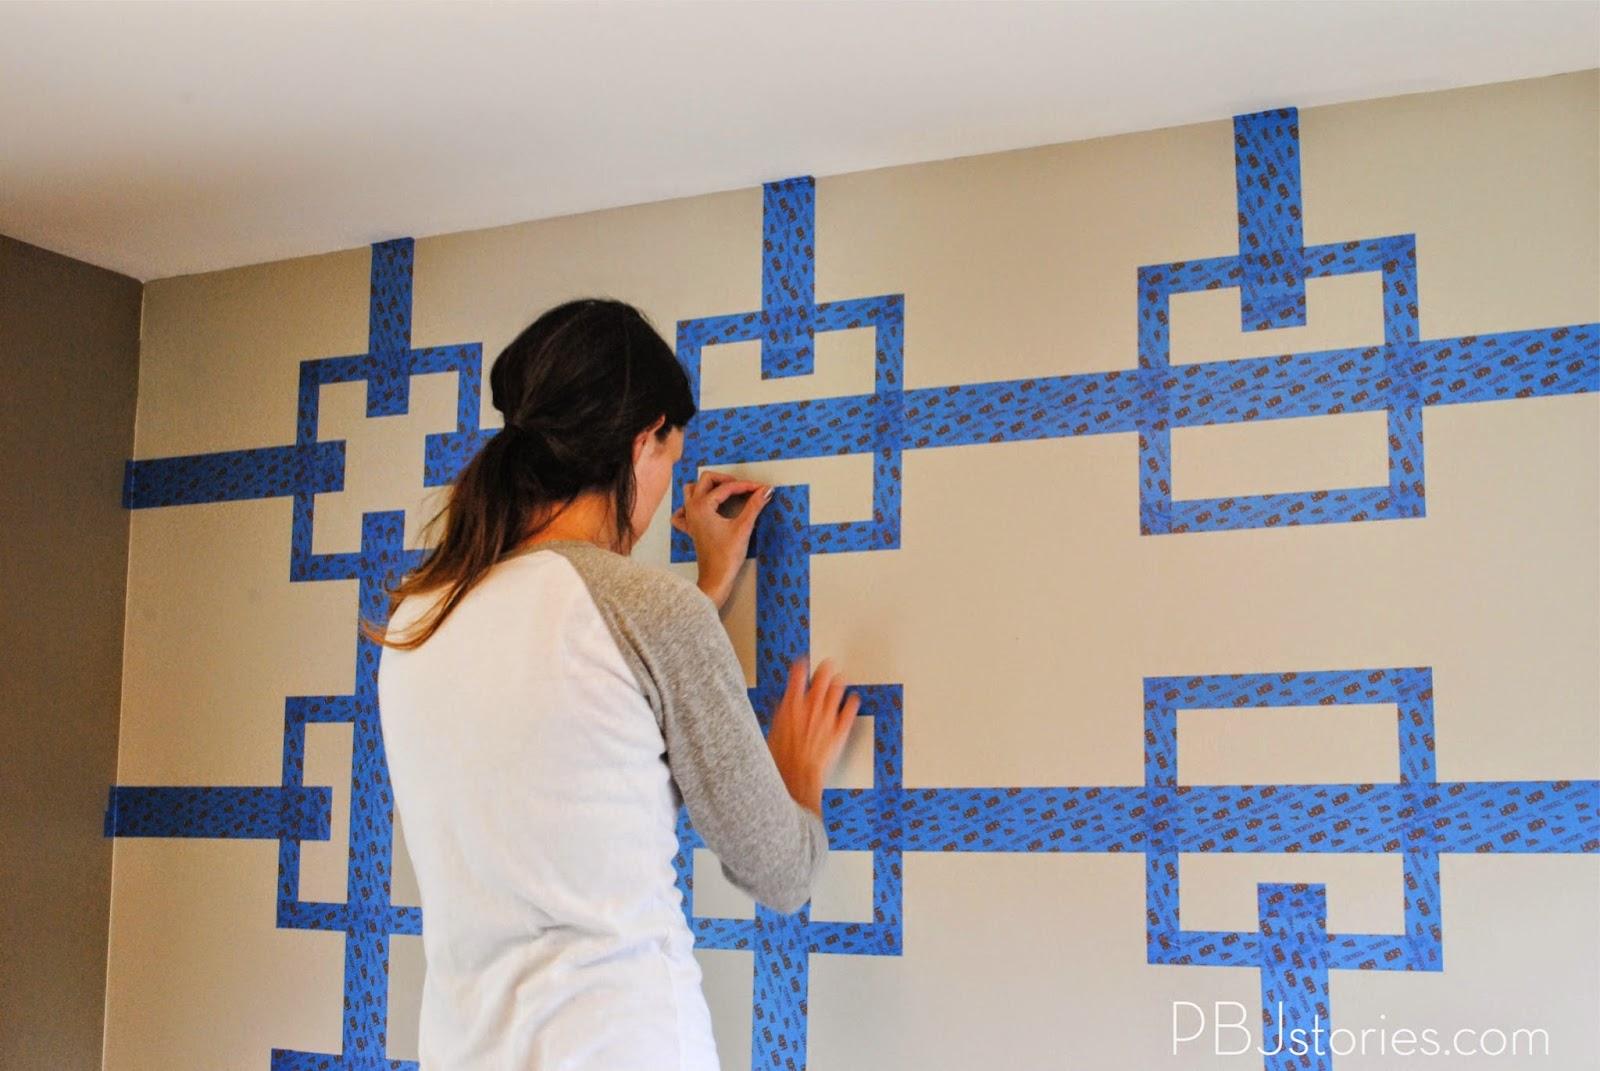 Paint tape wall stencils